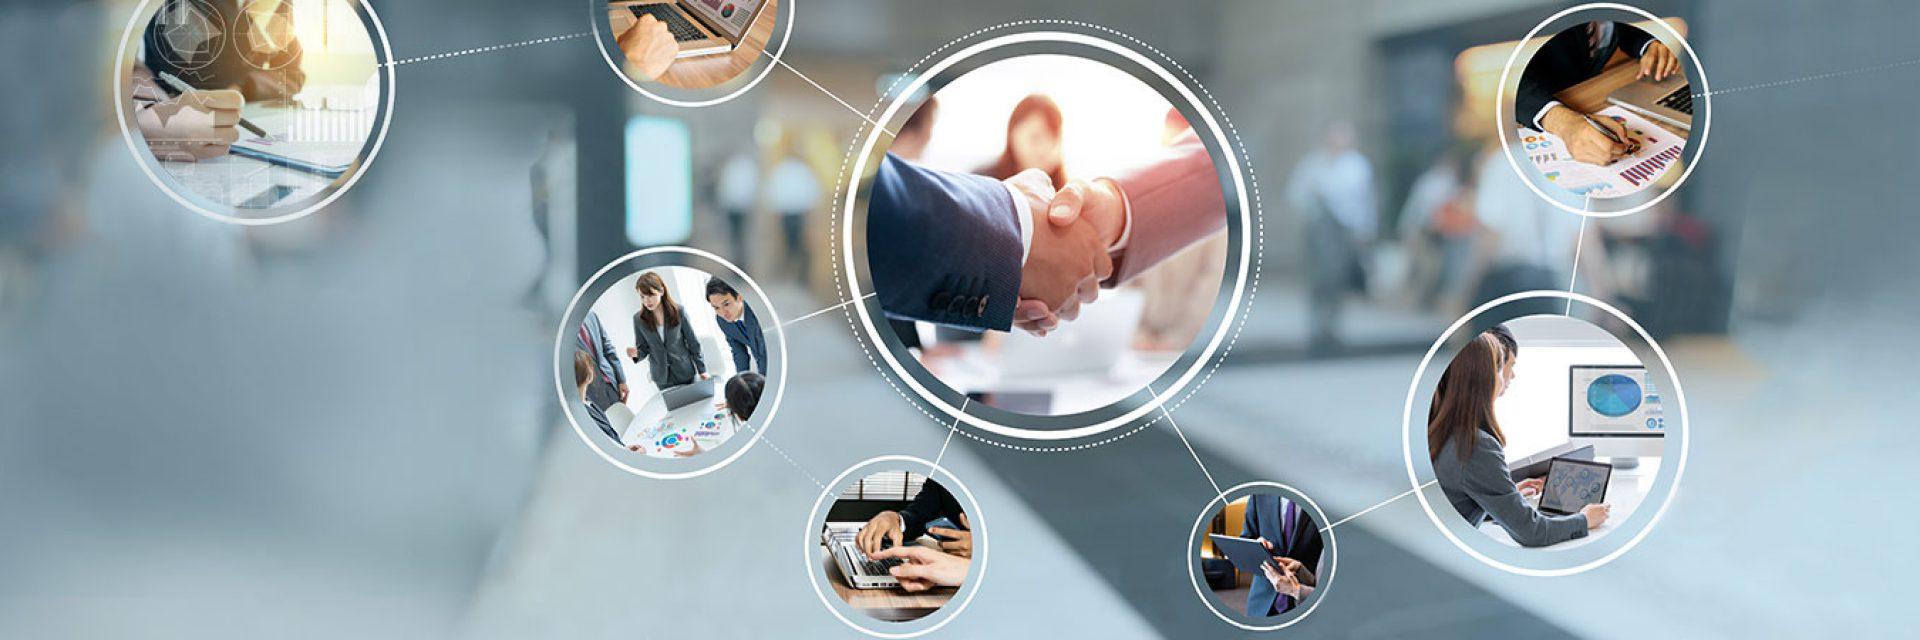 <h2>Steht Ihr Unternehmen für attraktive Vergütung, fair Pay und transparentes Grading?</h2>